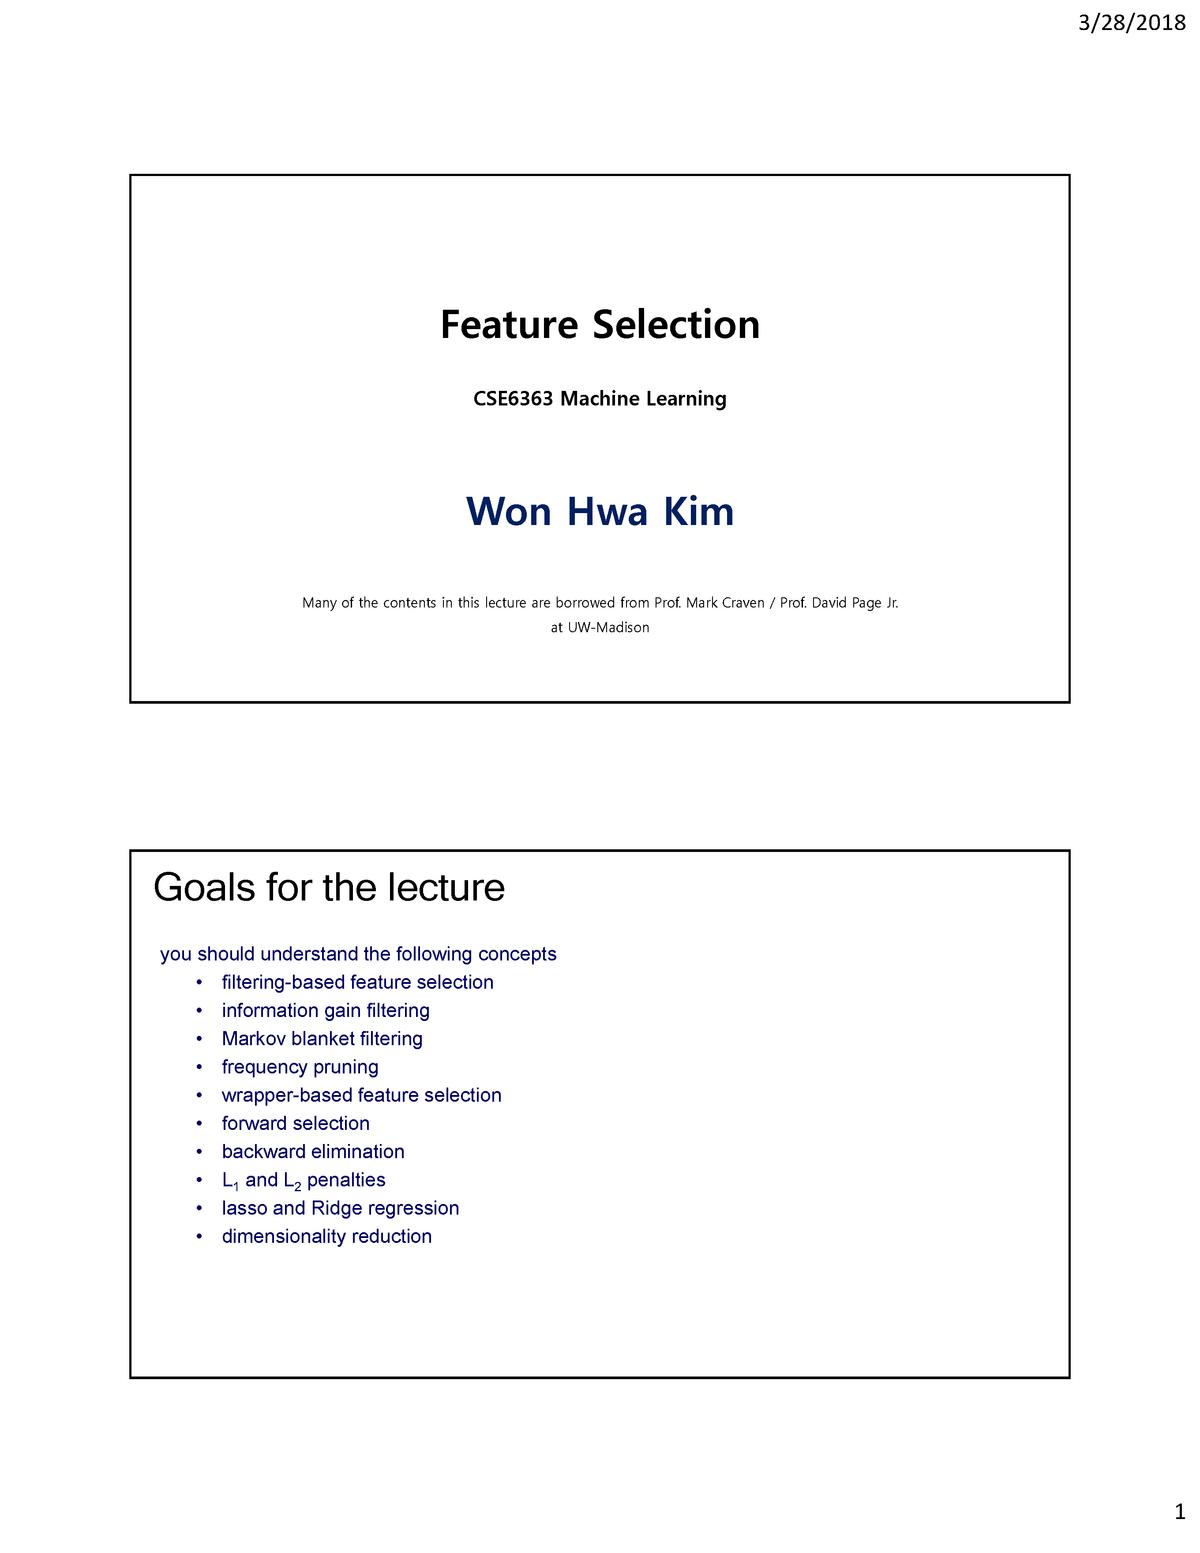 12 feature selection CSE-6363 - CSE 6364: MACHINE LEARNING - StuDocu